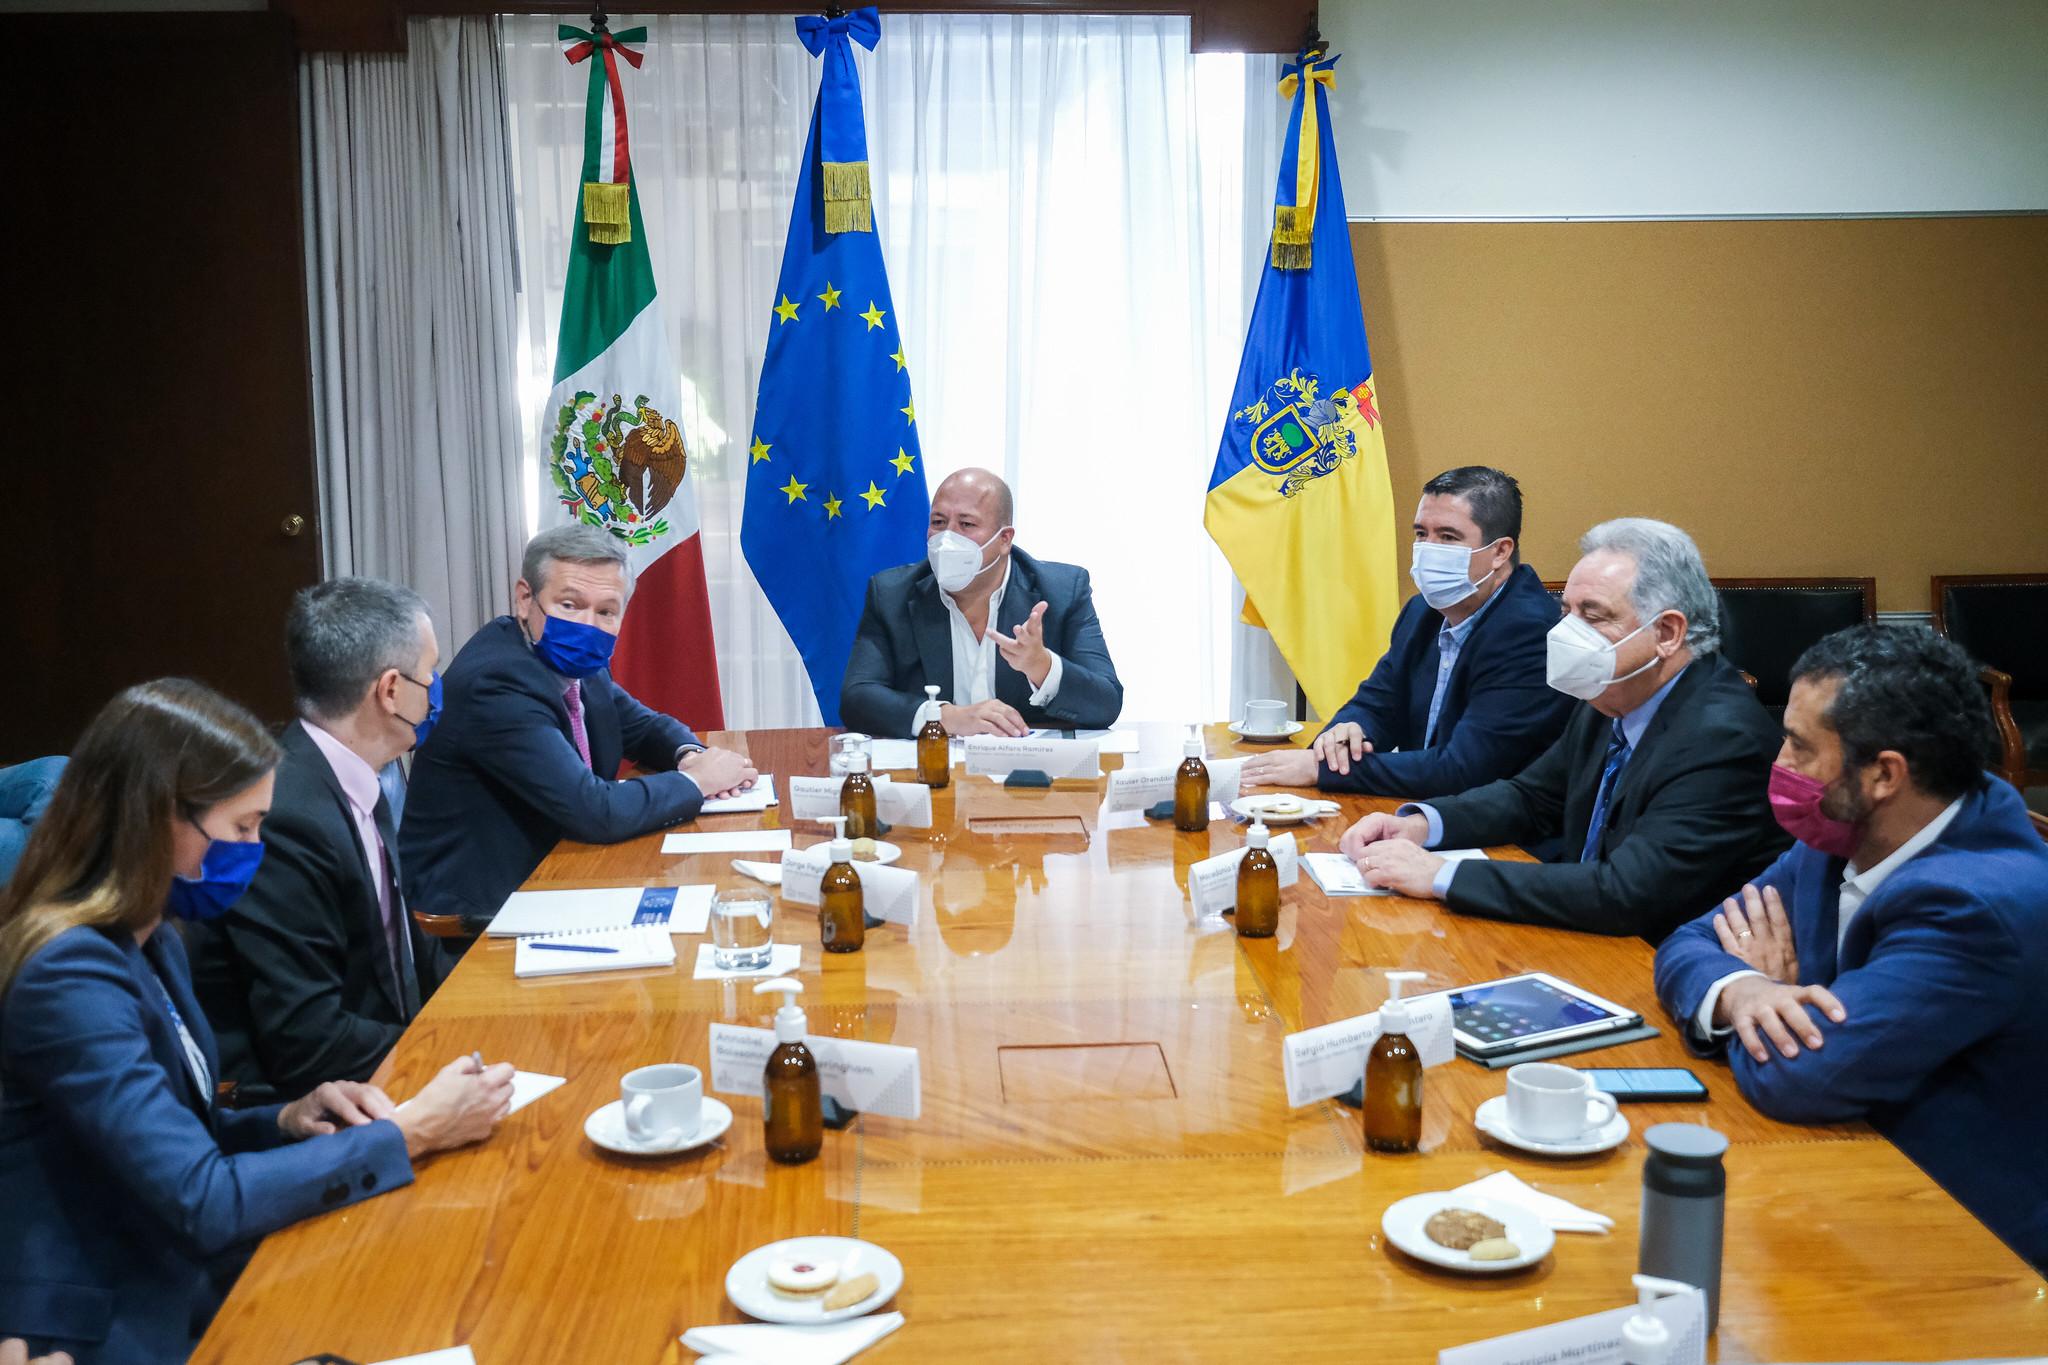 Gobernador de Jalisco se reúne con Embajador de la Unión Europea